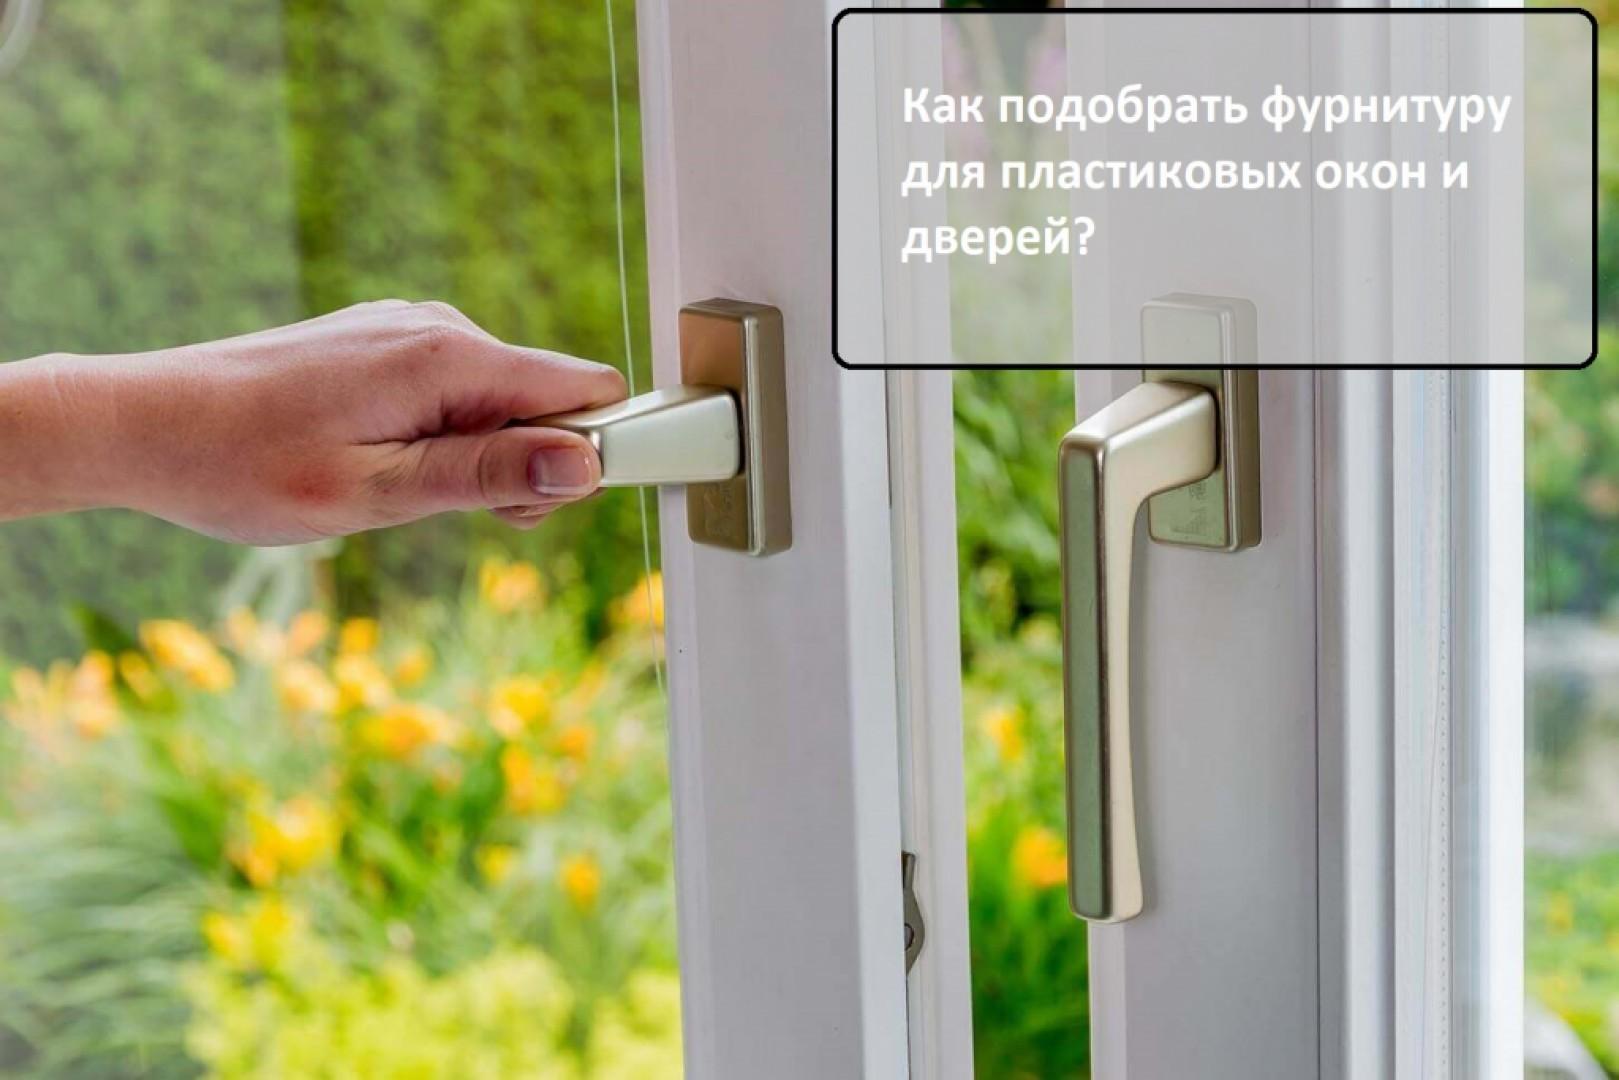 фурнитура для пластиковых дверей купить в краснодаре